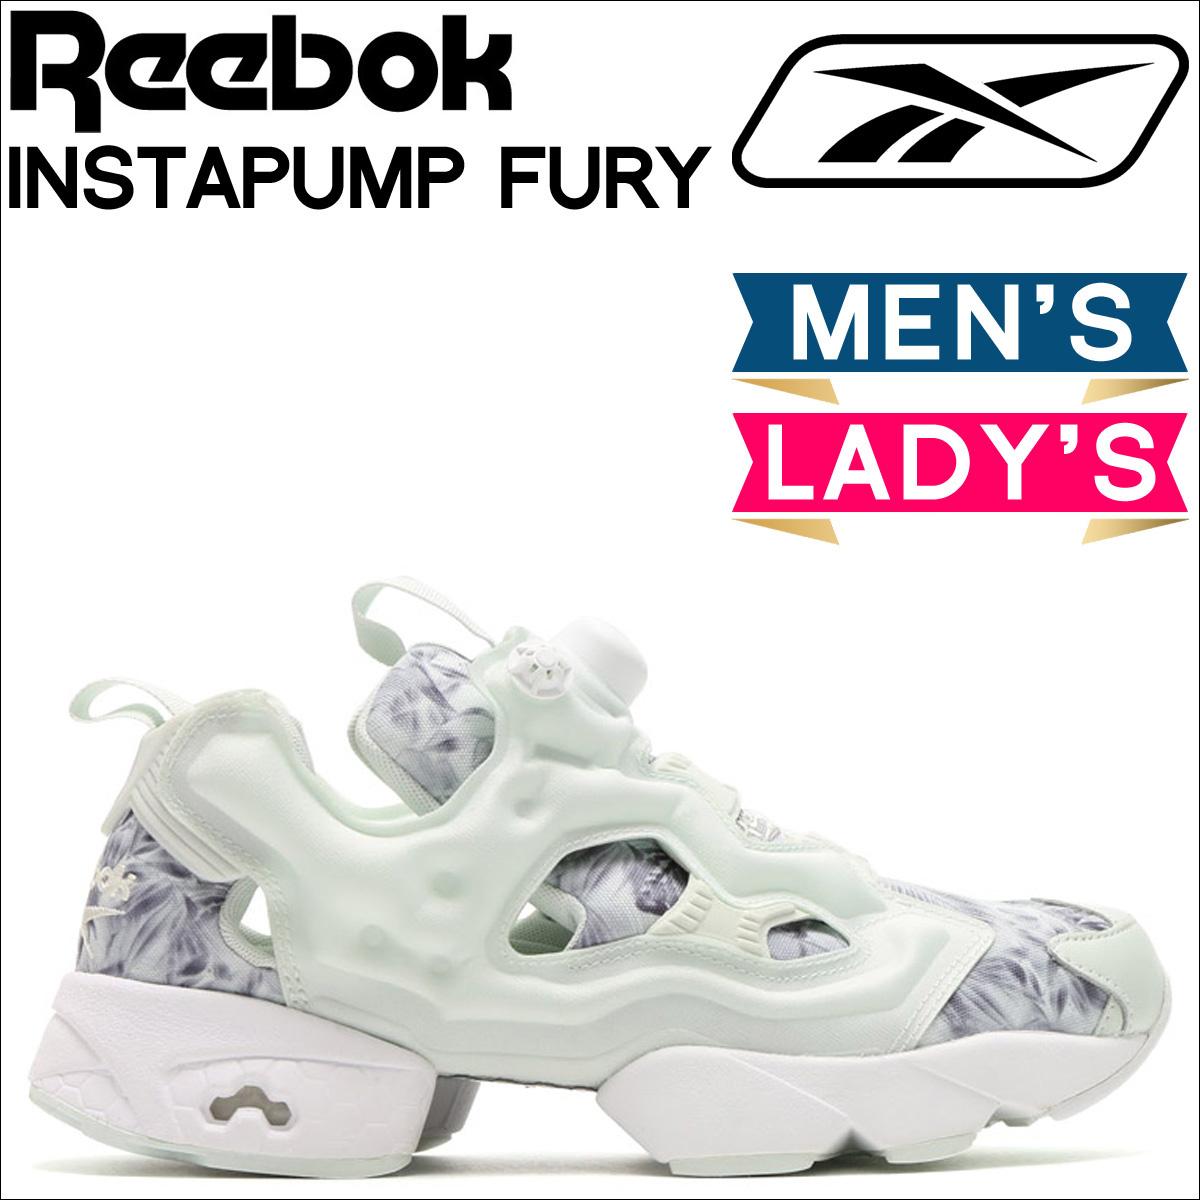 3f46bb991ce9a9 fit to viewer. prev next. Reebok Reebok Pump Fury Sneaker INSTAPUMP FURY SG  V69989 Men s Women s Shoes White